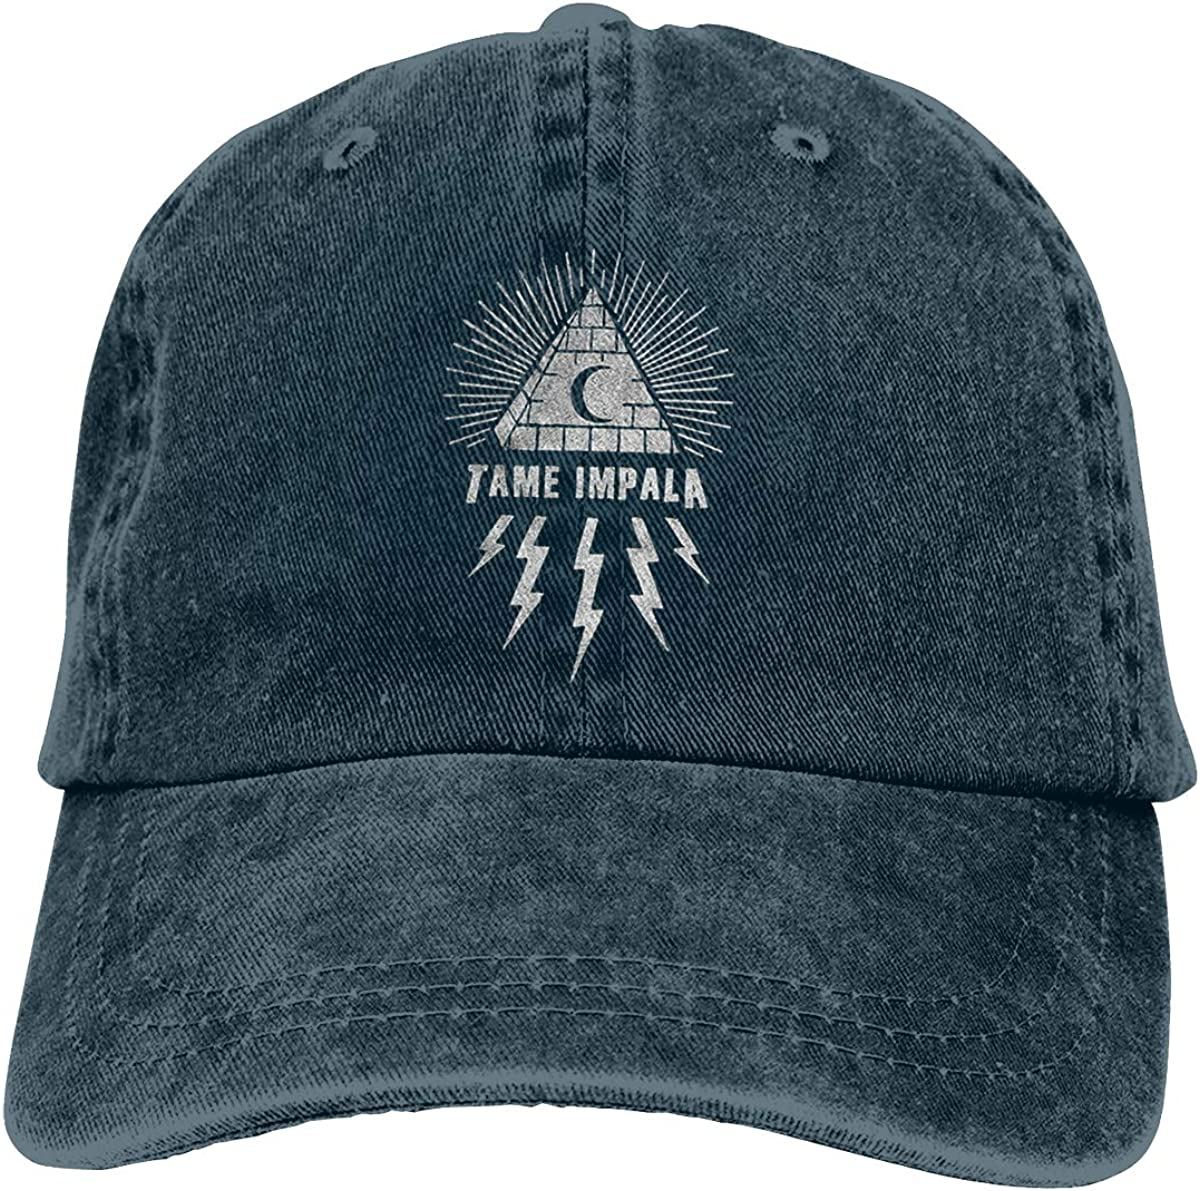 Tame Impala Innerspeaker Durable Unisex Adult Snapback Denim Hats Black